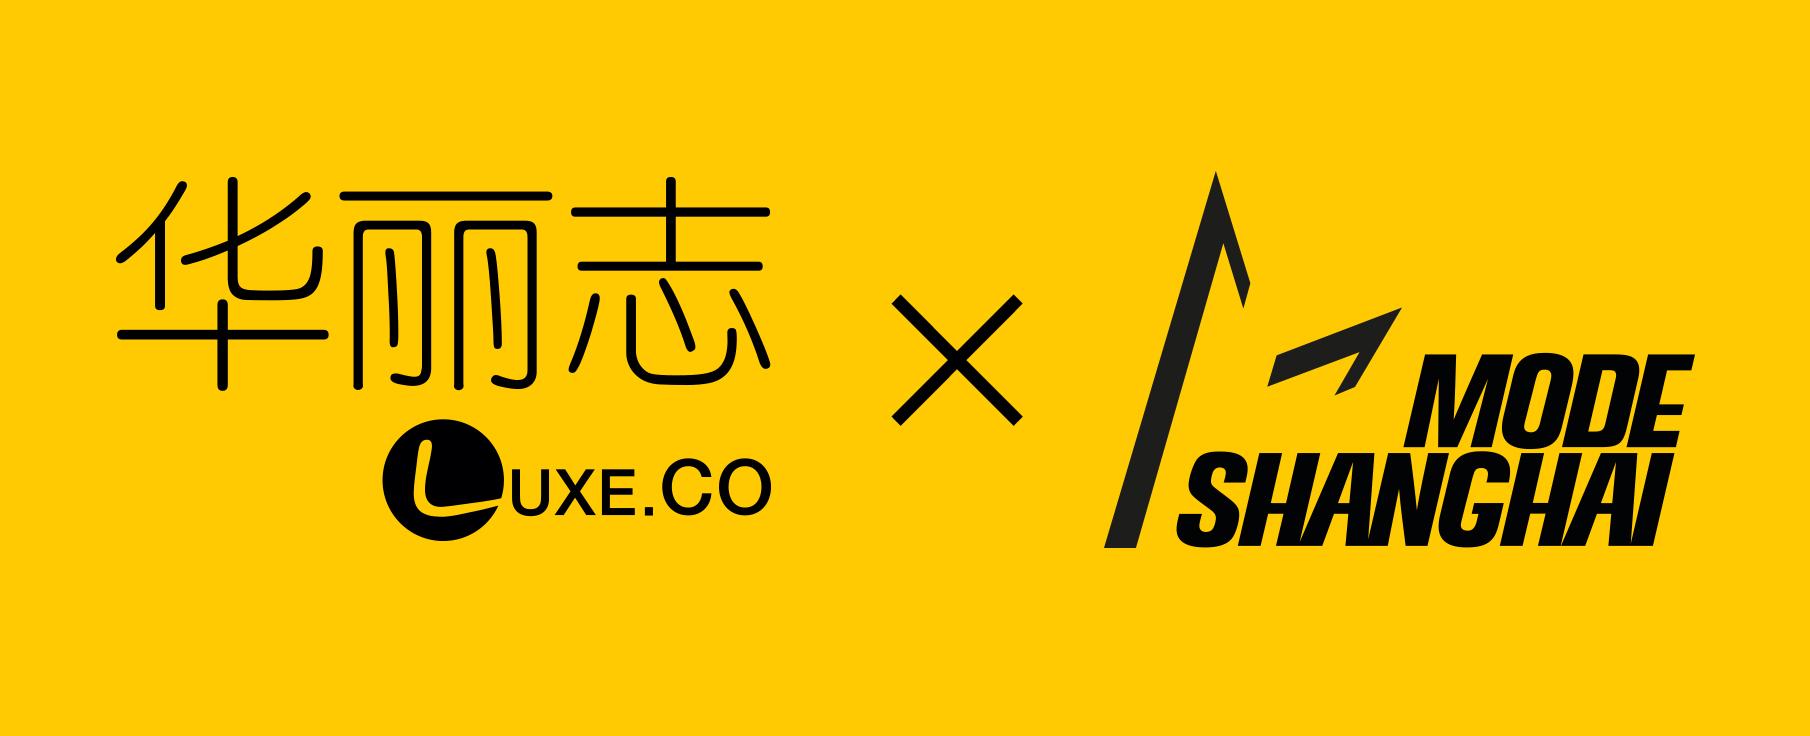 上海时装周-黄底